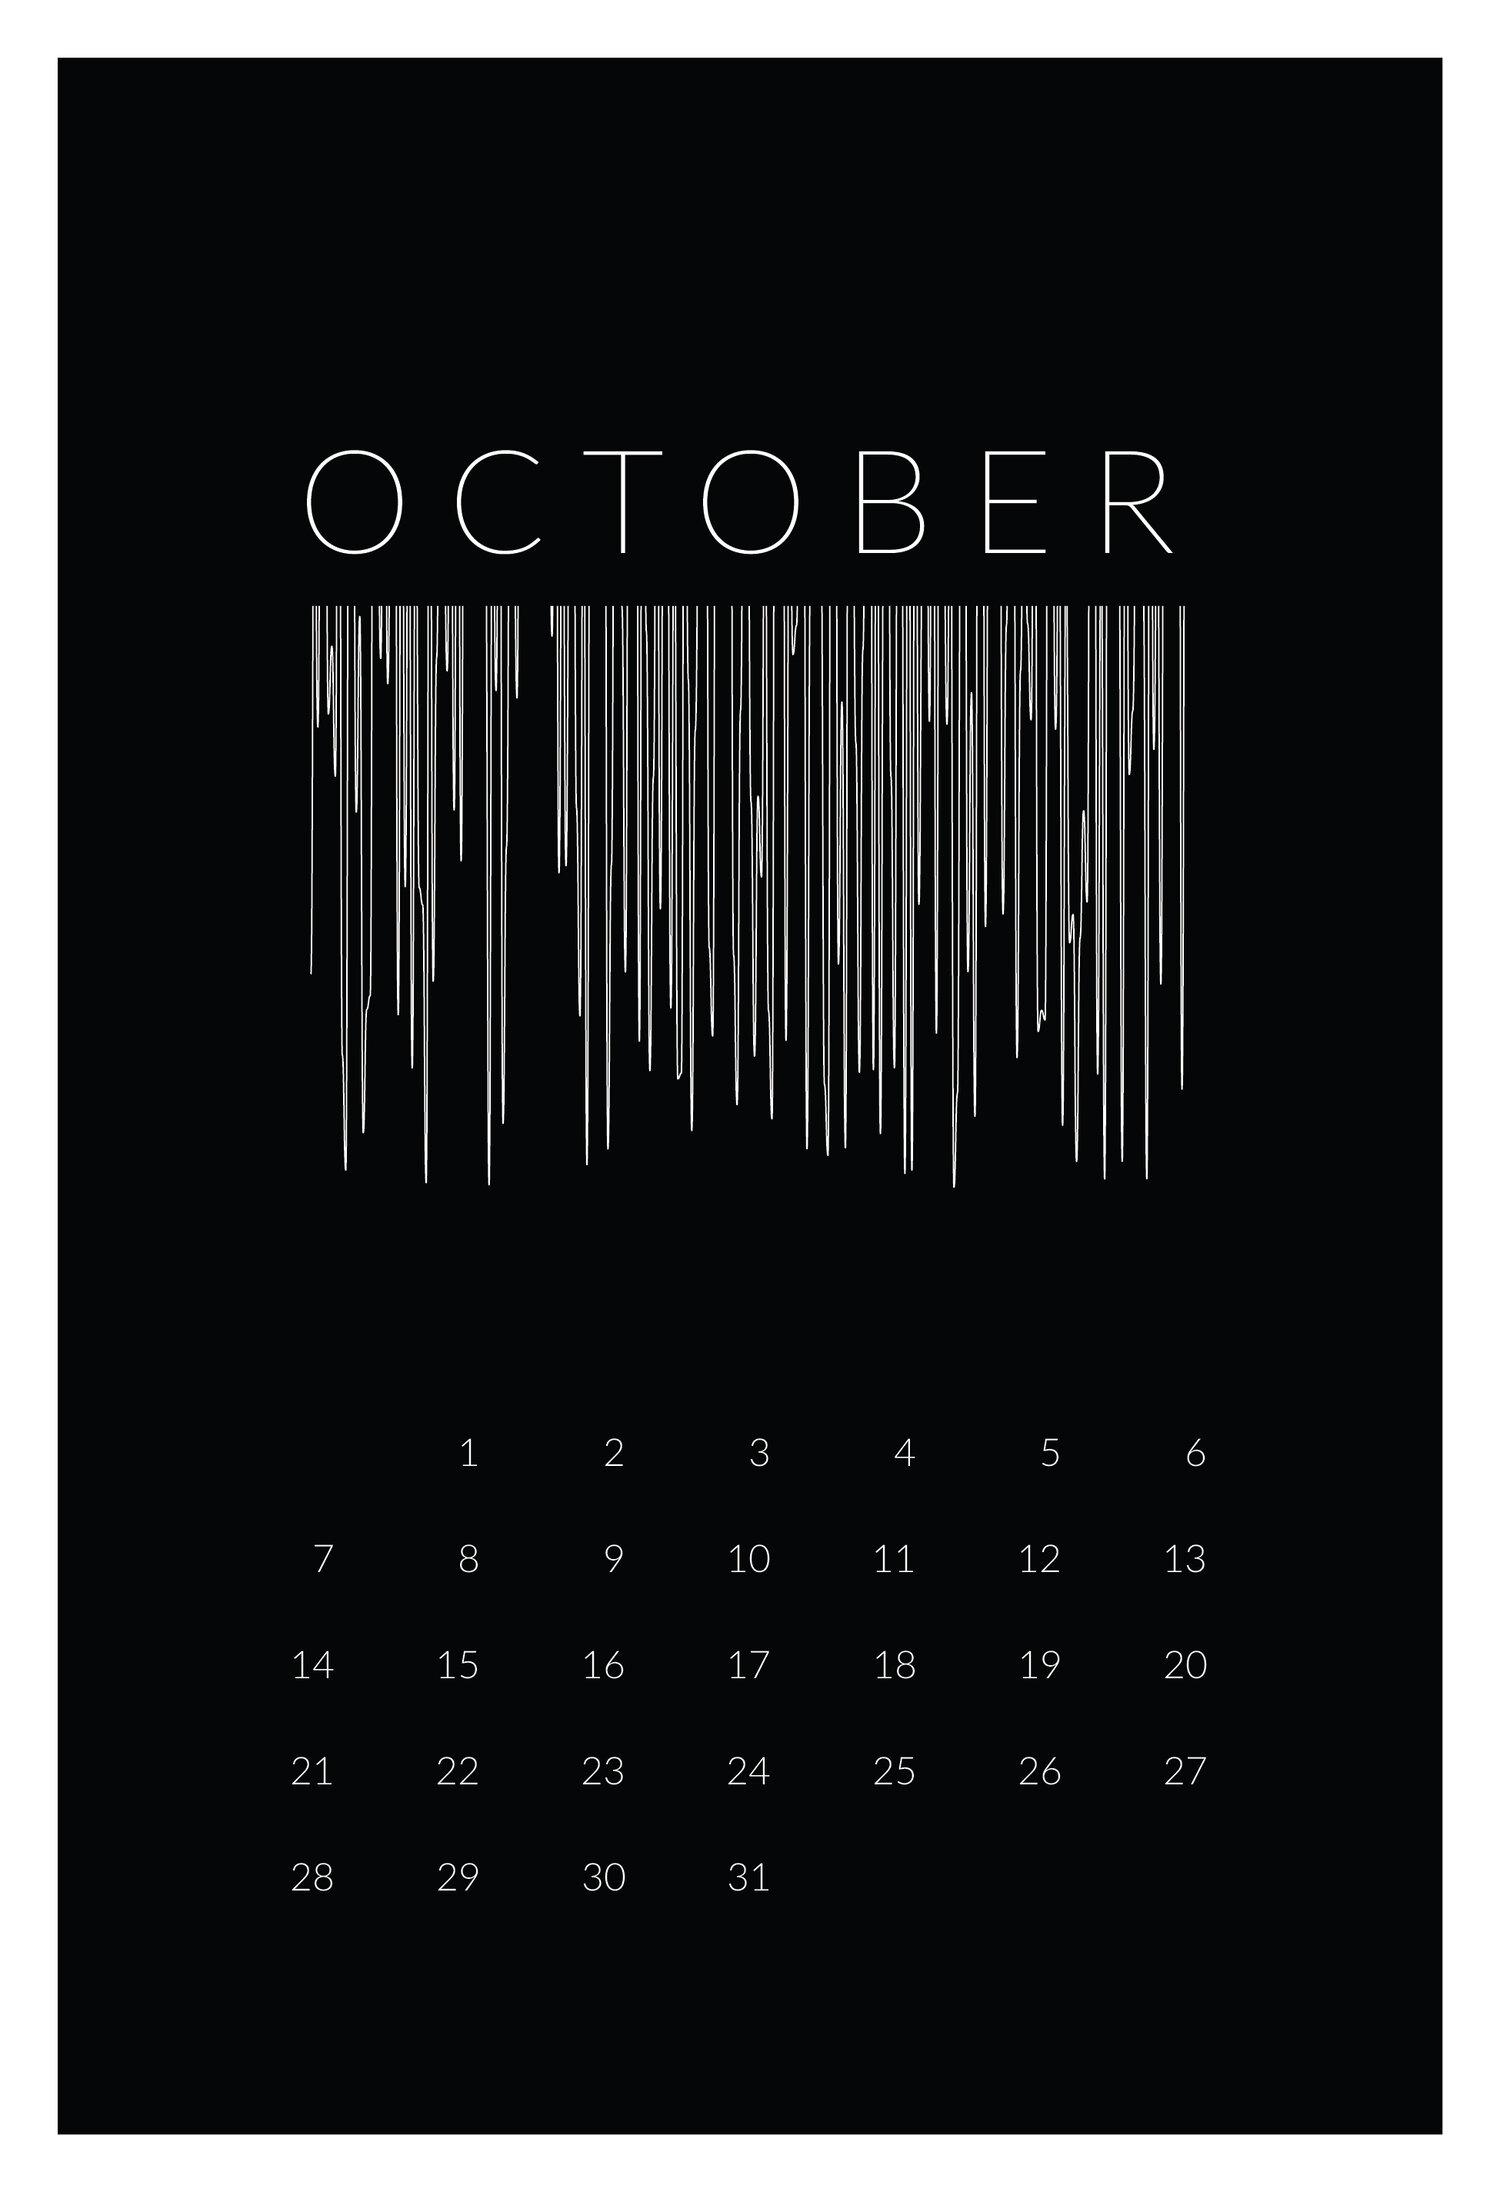 Henrik_Calendar-10.jpg